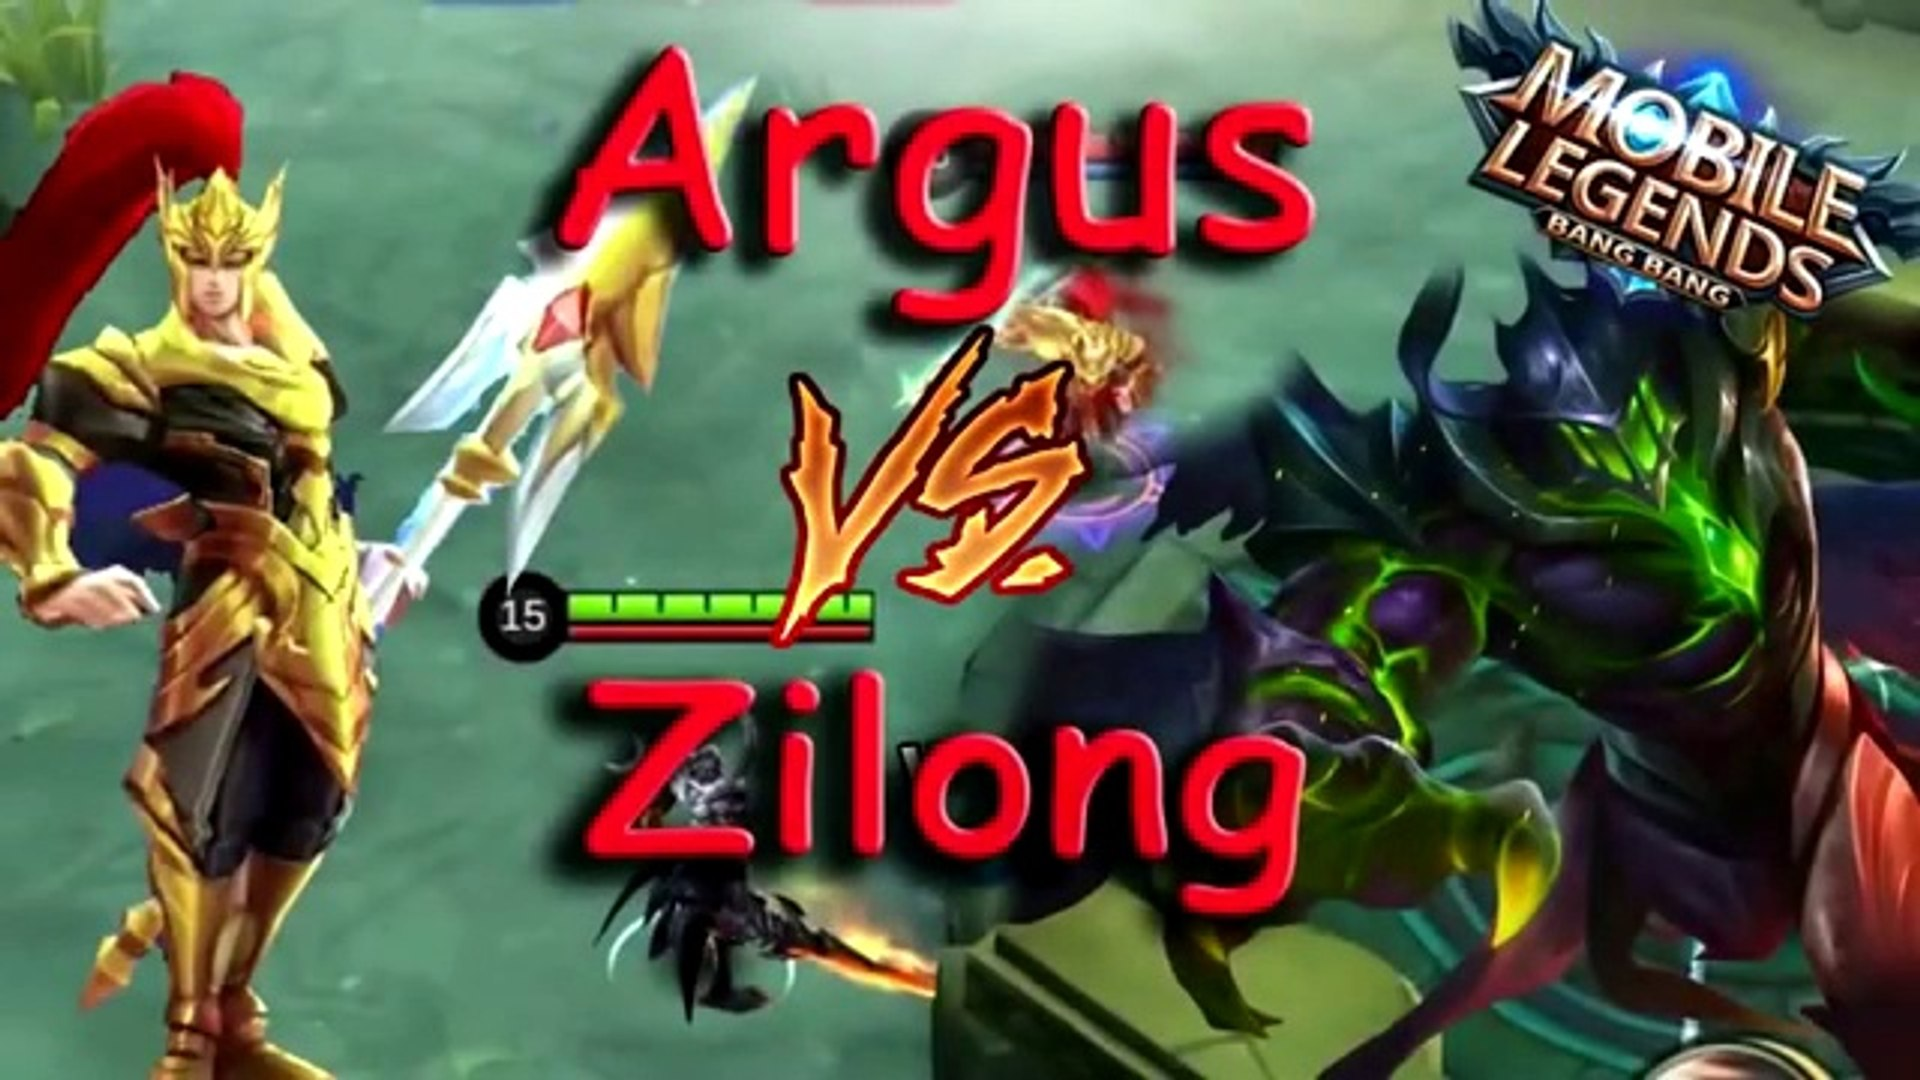 Mobile Legends Zilong Vs Argus Full Attack Speed Battle